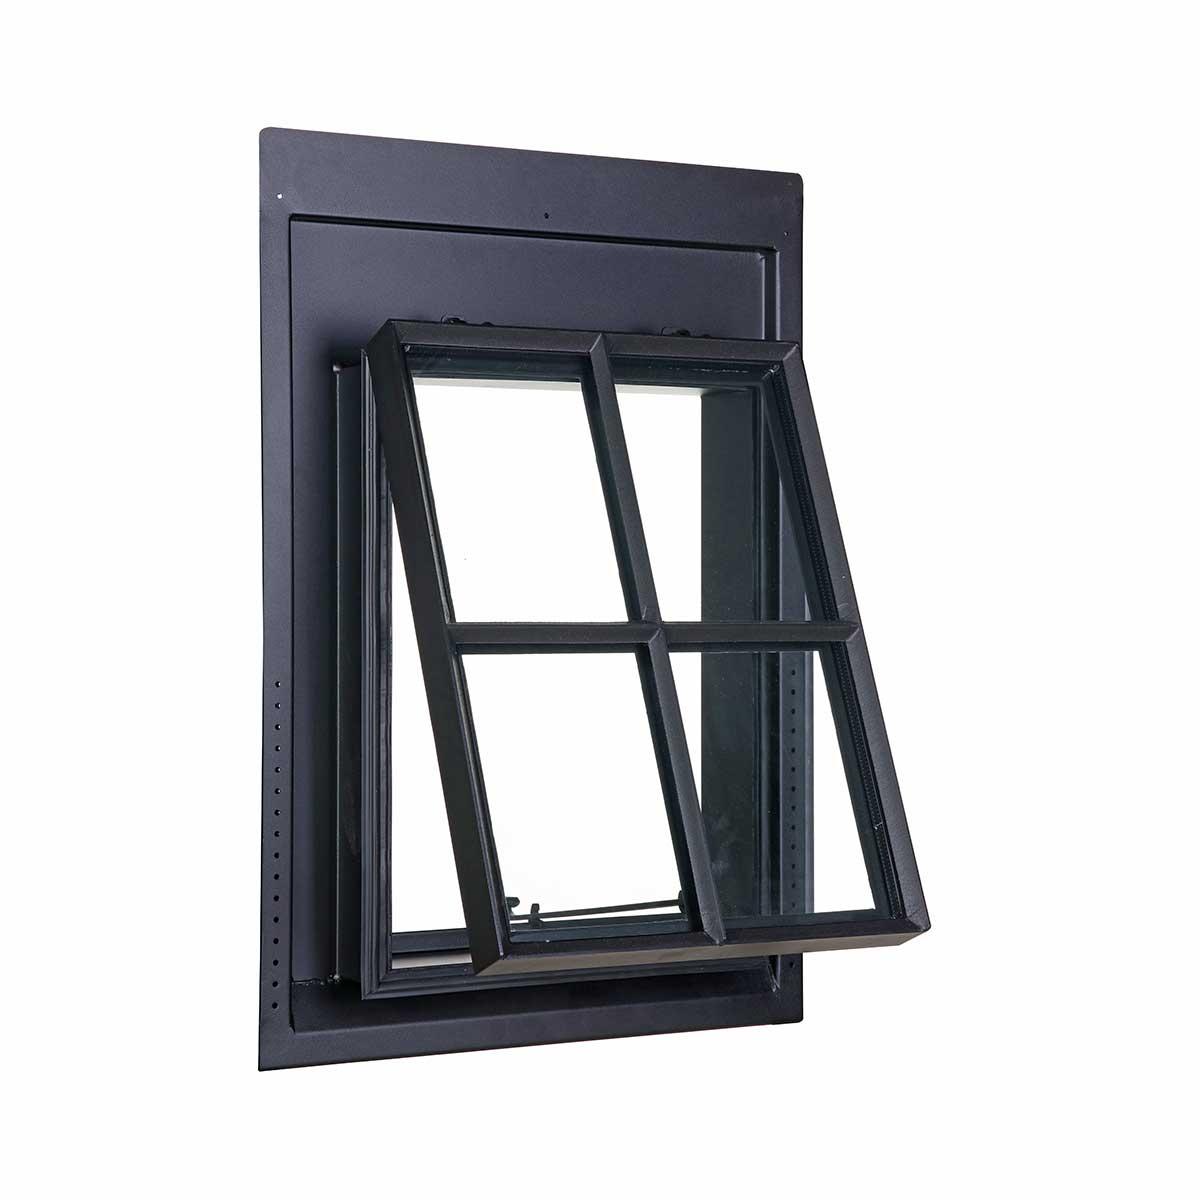 dachfenster eisen gerade form sprossenteilung kreuz von replicata fensterfl che 44 x 60 cm. Black Bedroom Furniture Sets. Home Design Ideas